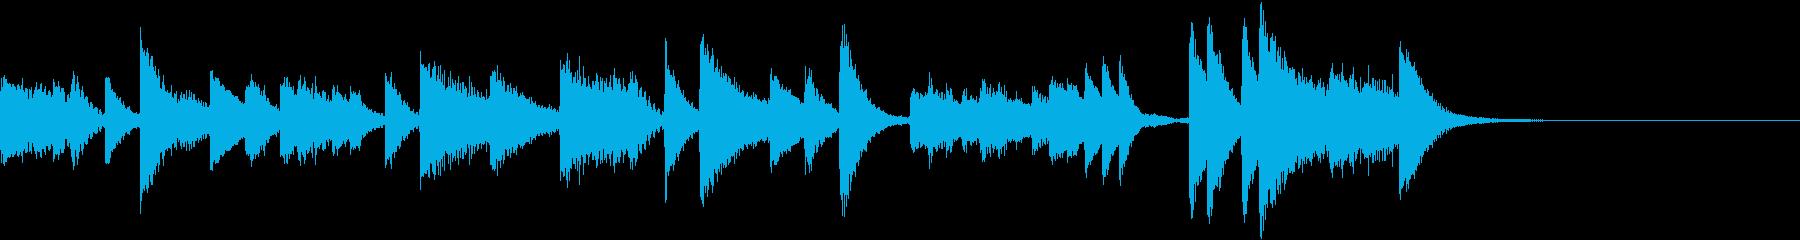 微笑ましいコミカルなピアノジングルの再生済みの波形